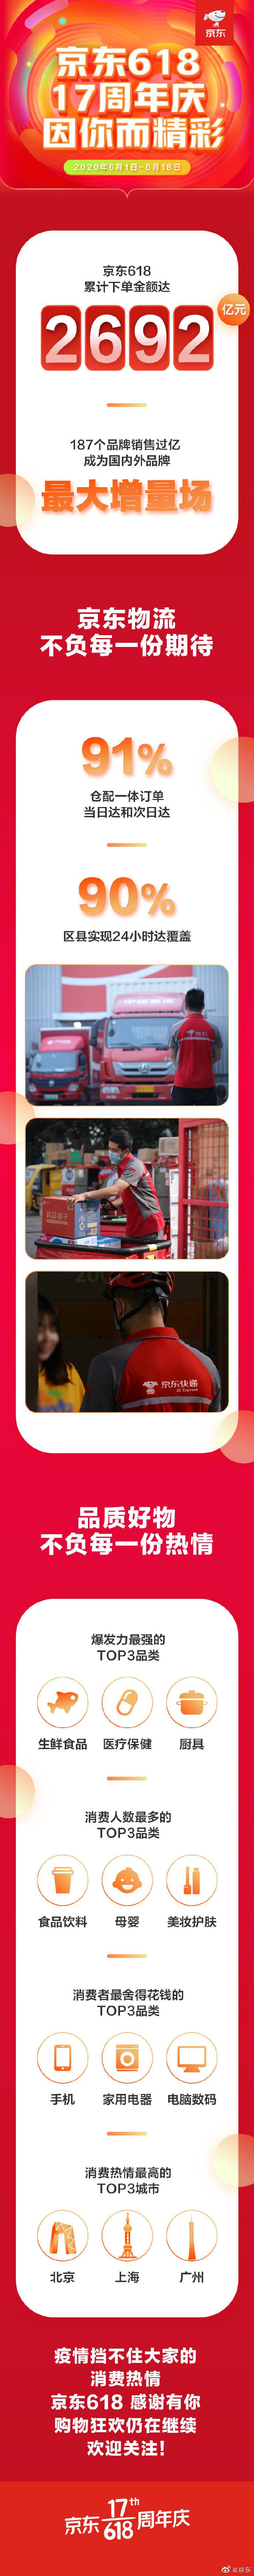 618战报:京东下单金额达2692亿元_零售_电商报